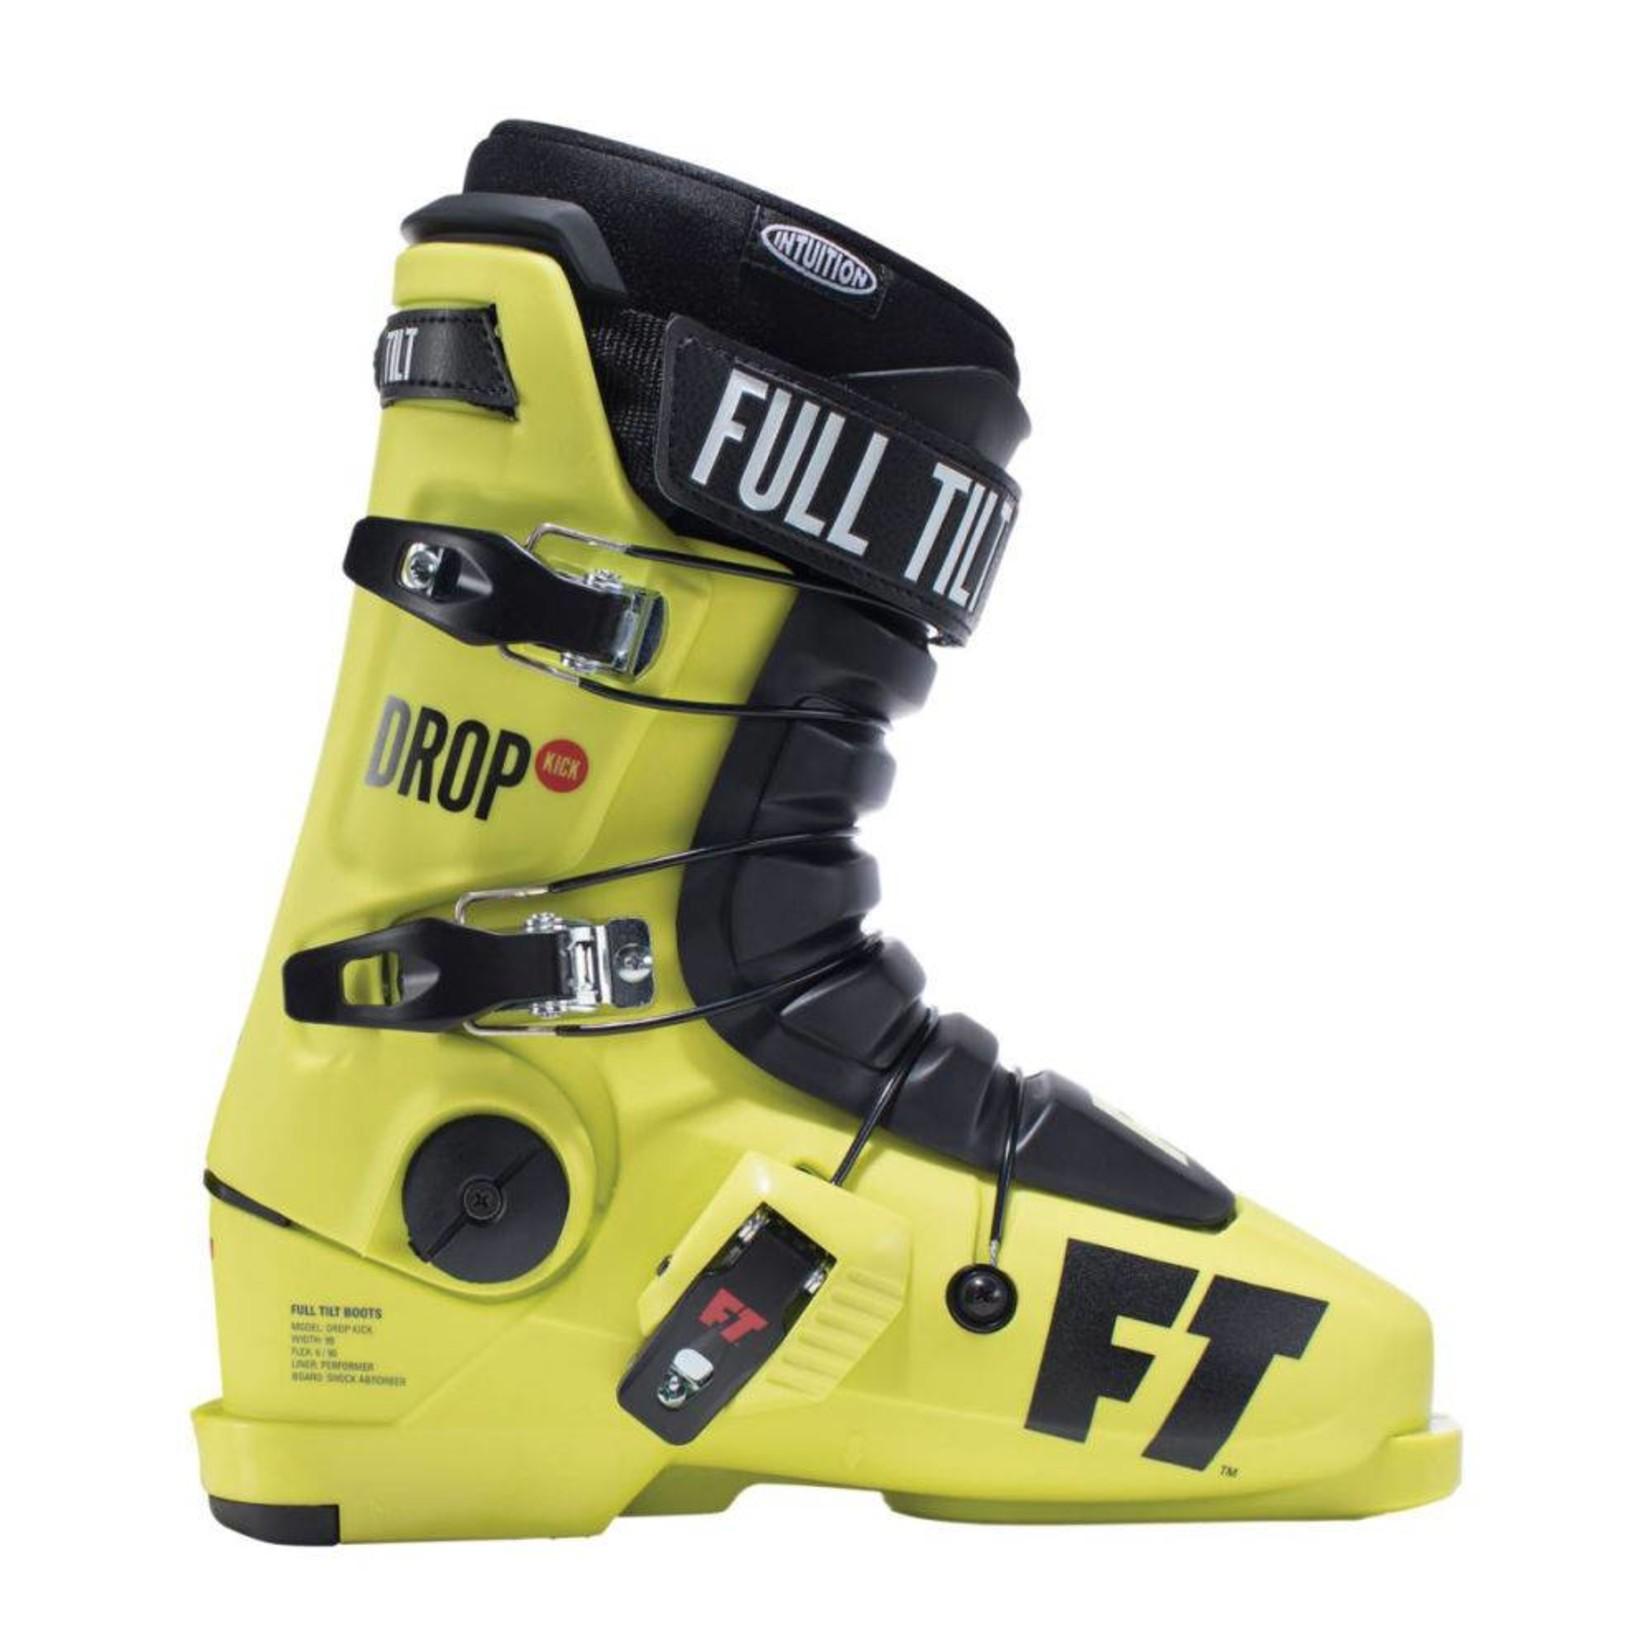 Full Tilt Full Tilt Men's Drop Kick Ski Boot 2019